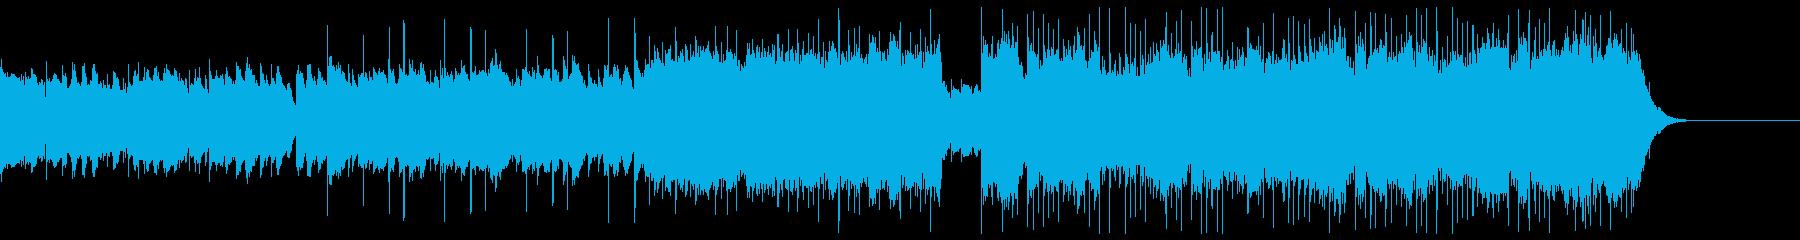 エモーショナルなフューチャーベースの再生済みの波形